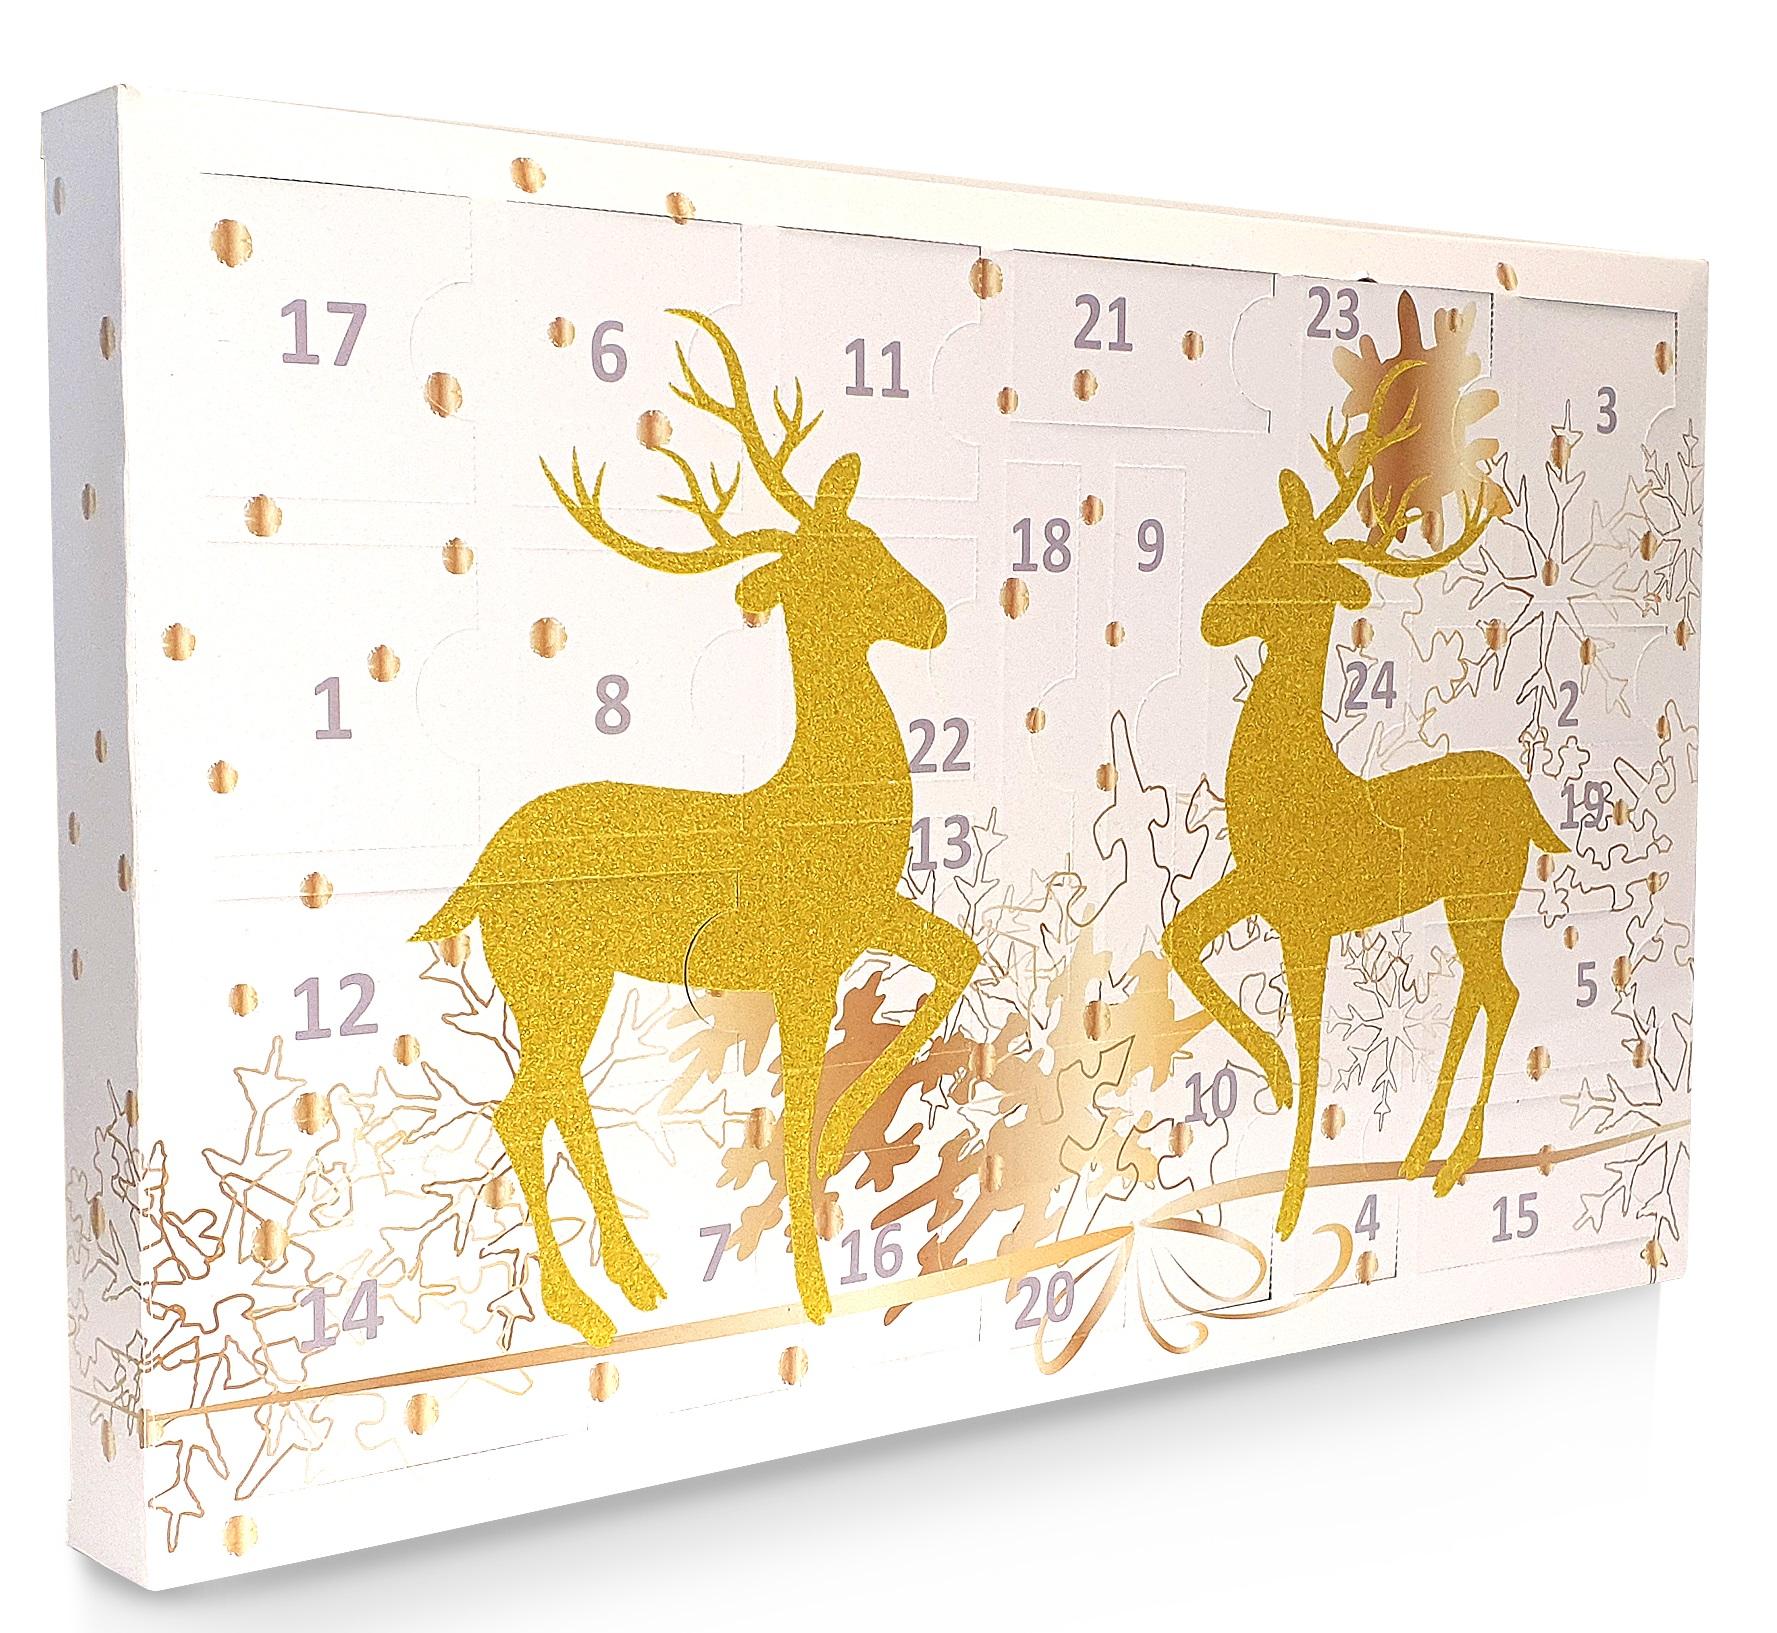 Reindeer Advent Calendar (Make-up) Image